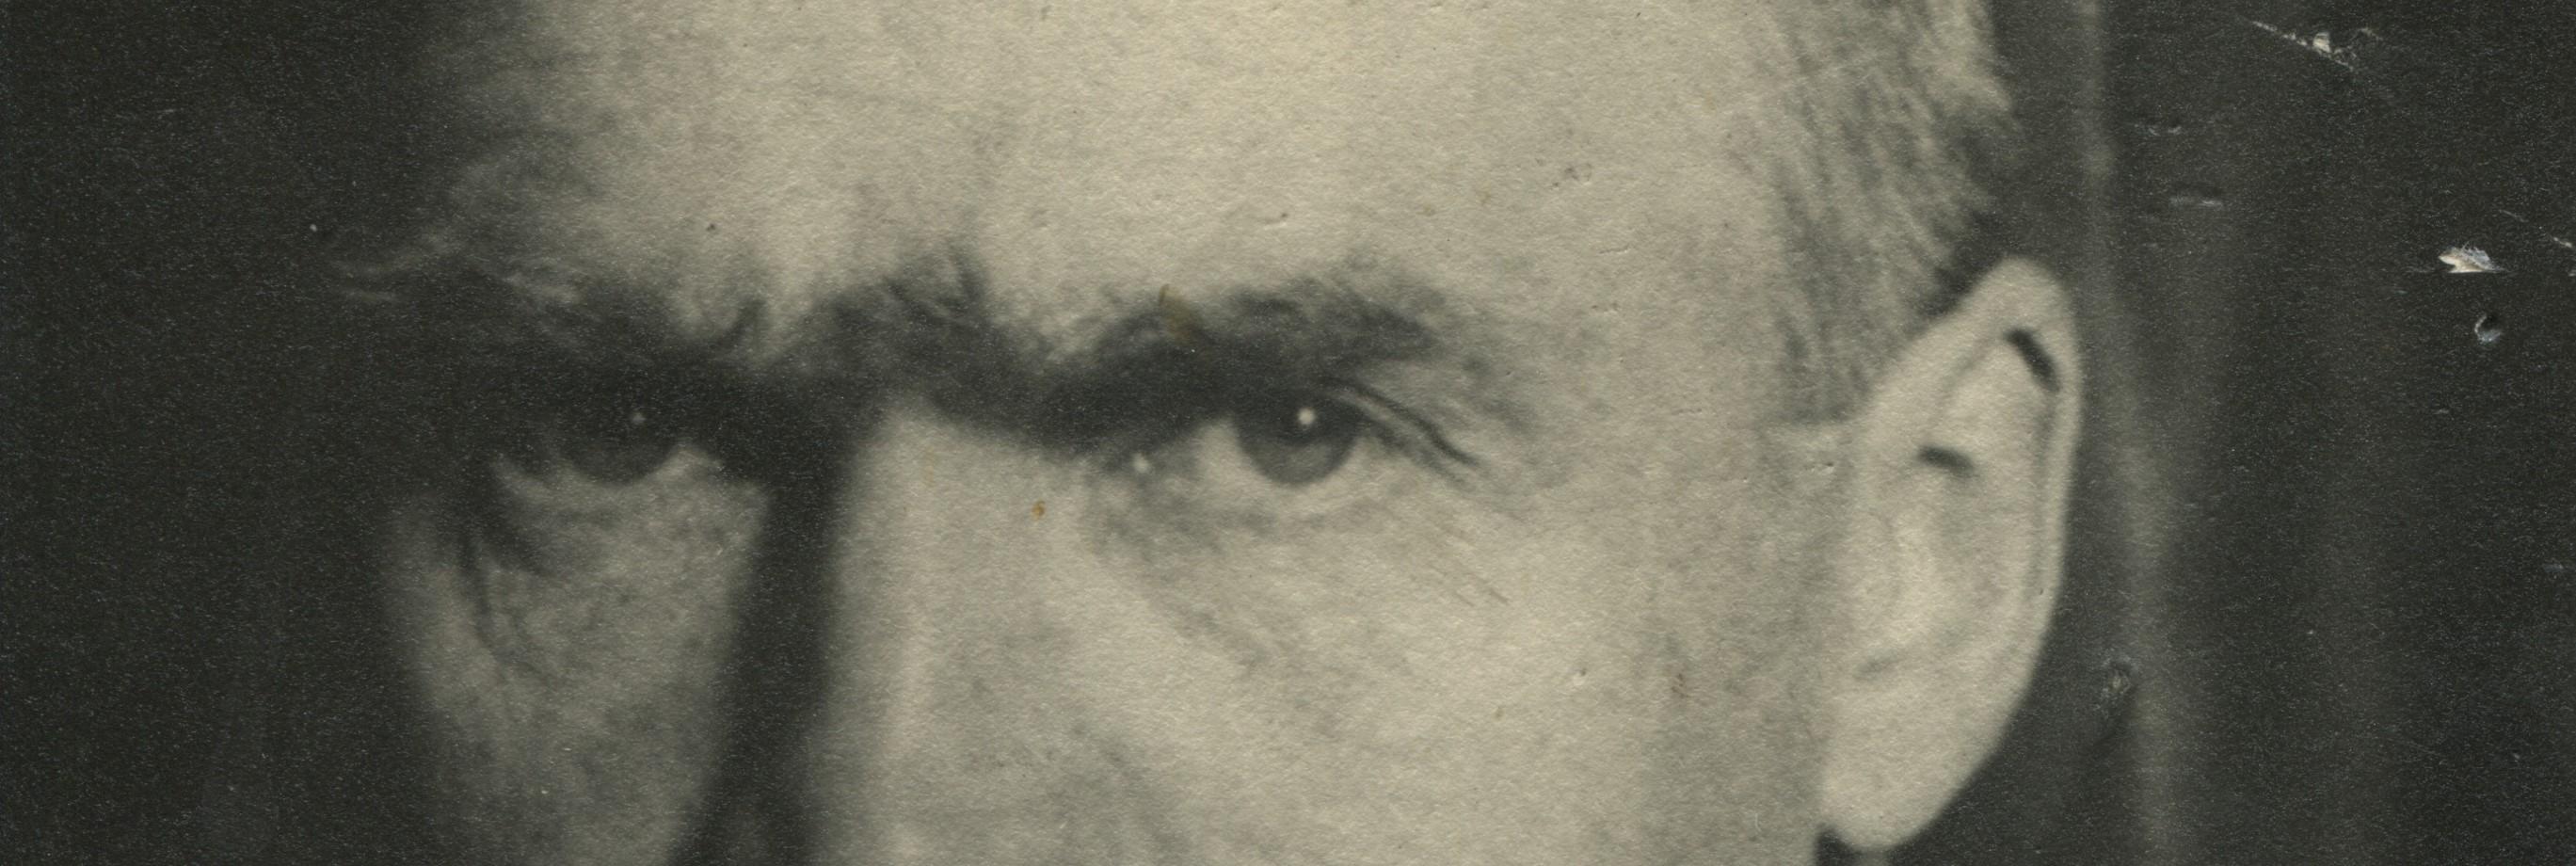 zbliżenie na oczy Józefa Piłsudskiego